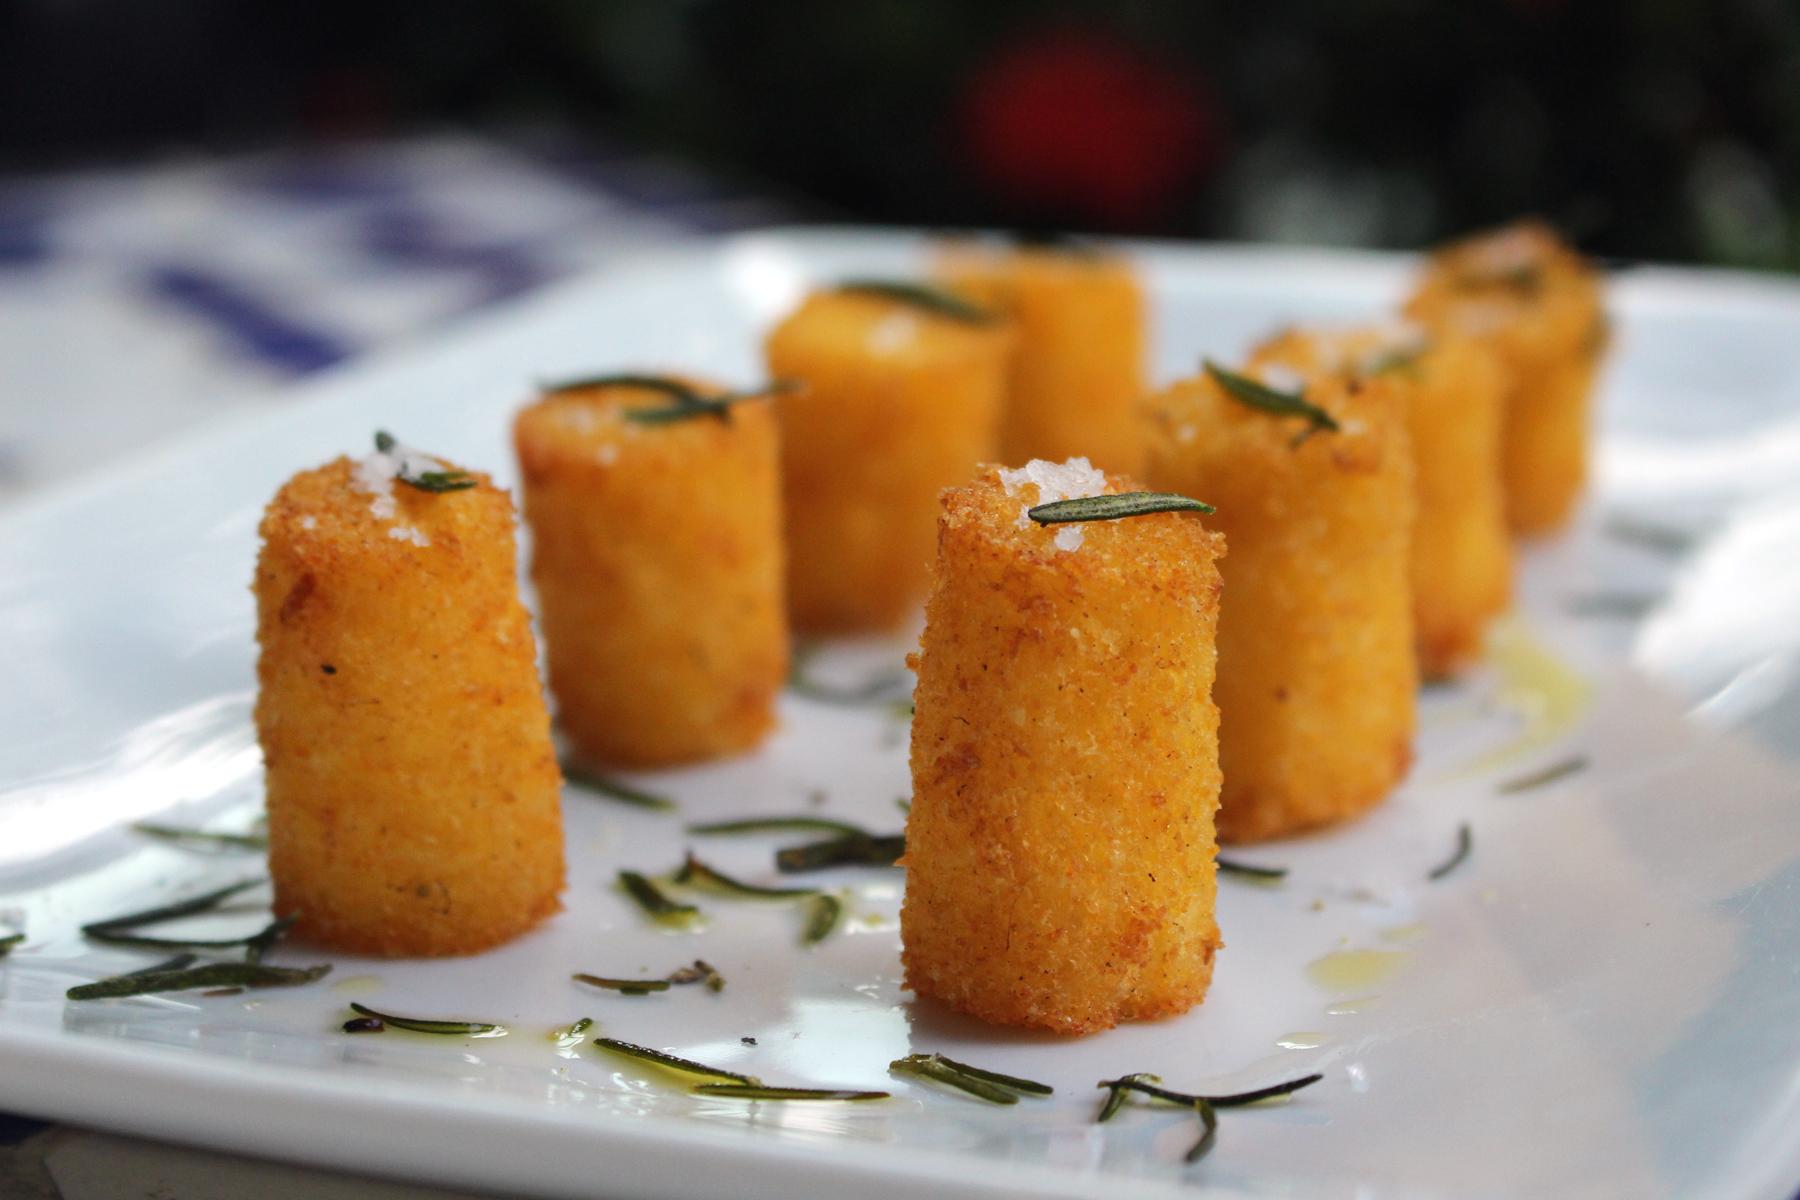 Minipolenta com azeite trufado, alecrim e flor de sal: no manu para a happy hour